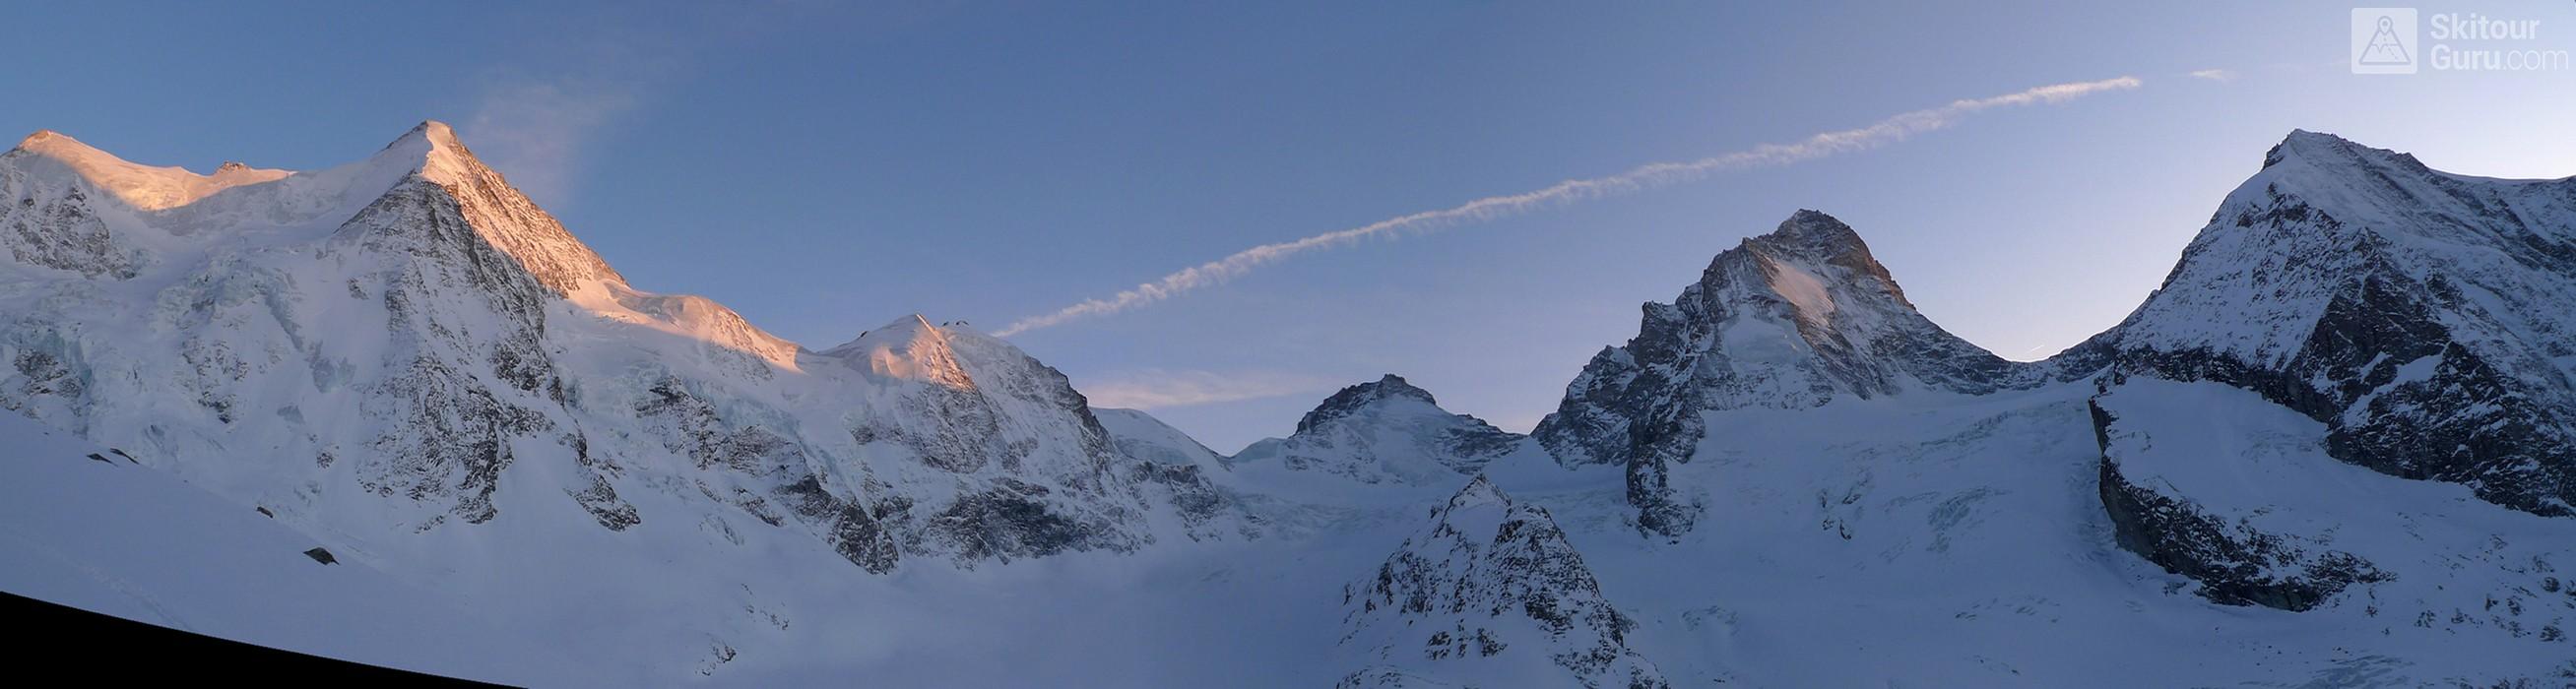 Cabane du Mountet Walliser Alpen / Alpes valaisannes Switzerland panorama 11